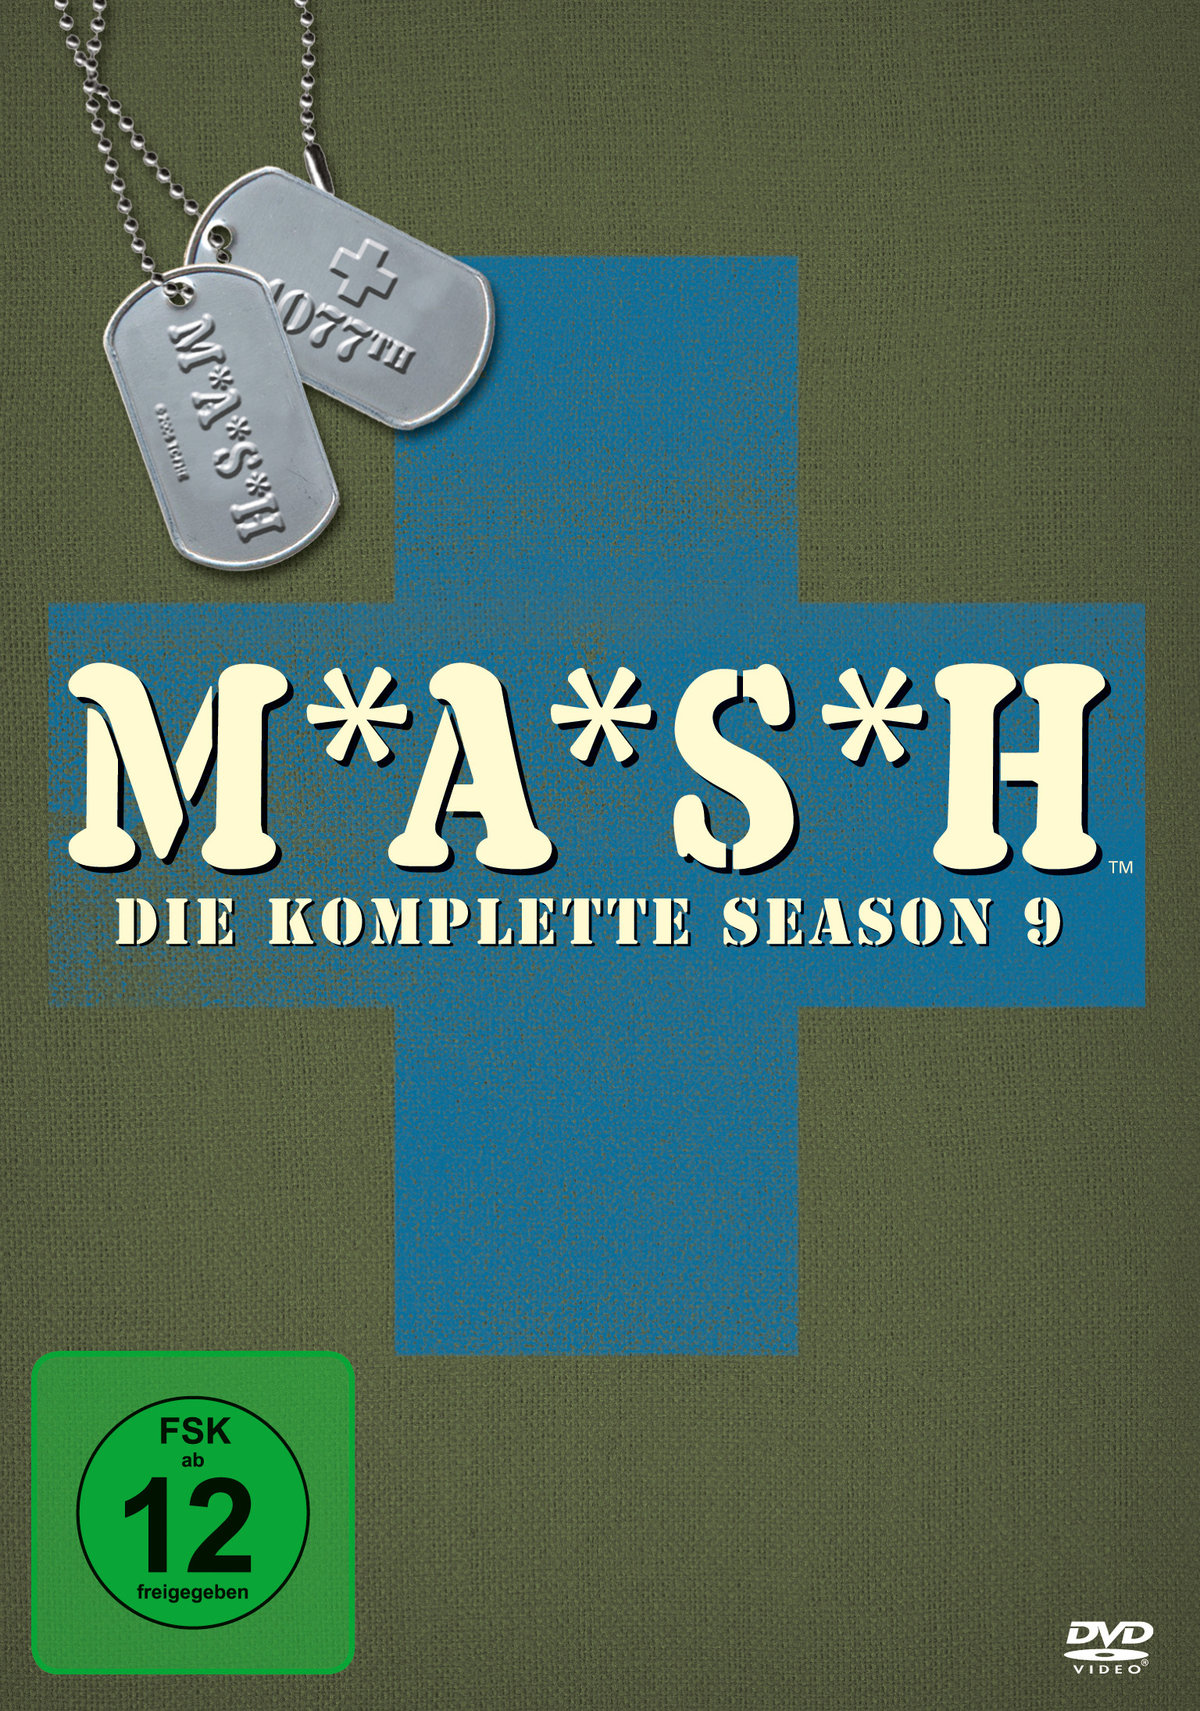 Bild Mash - Staffel 9 (3 DVDs)